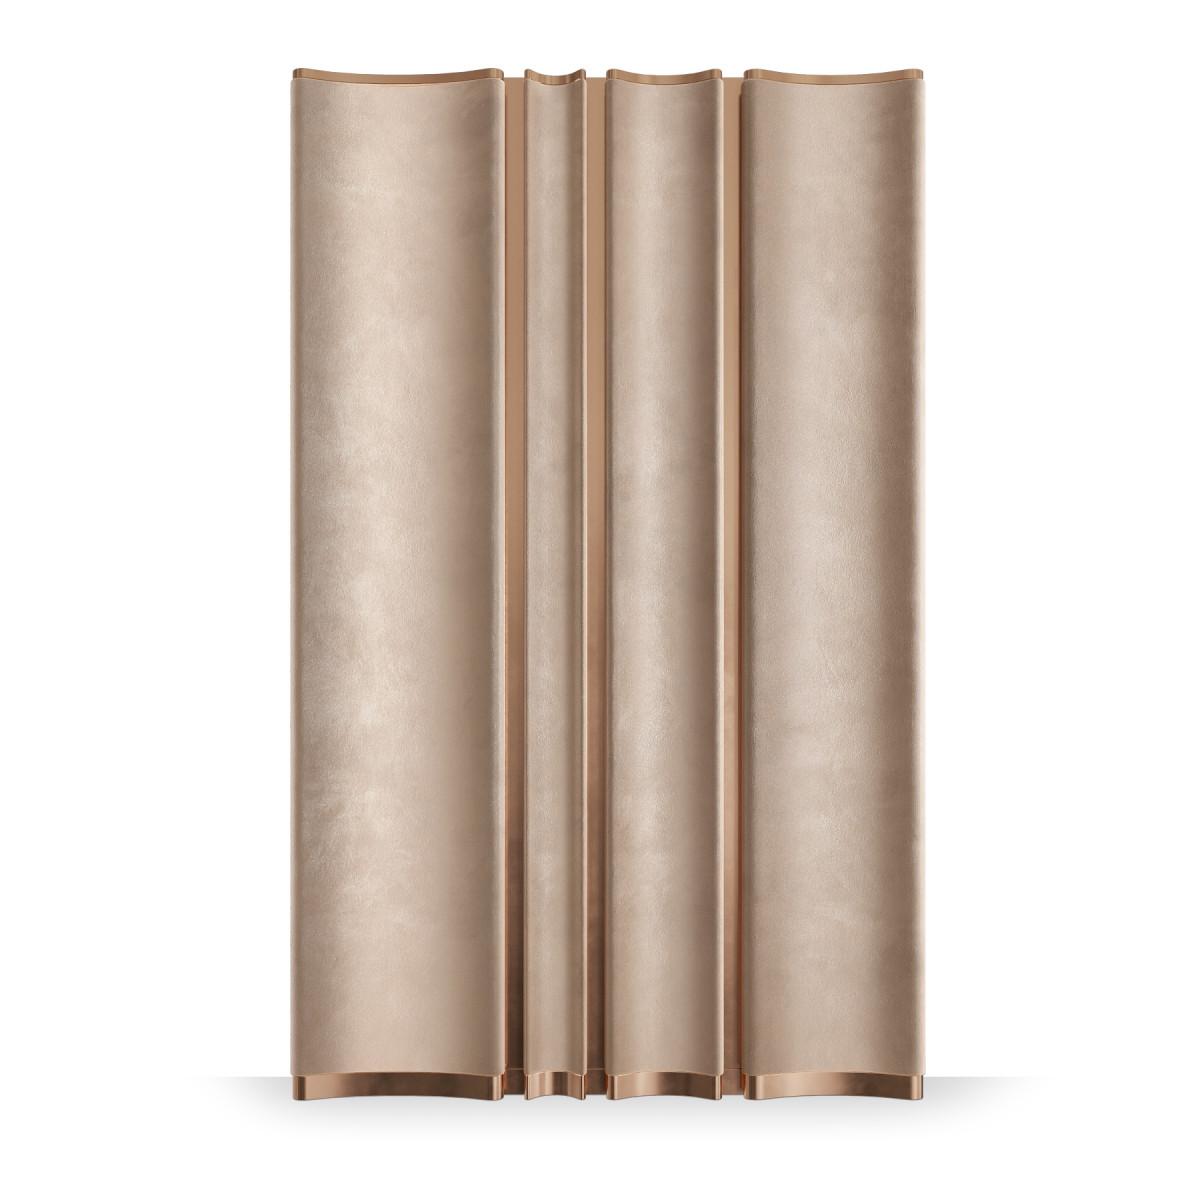 Стеновые панели — Corallum